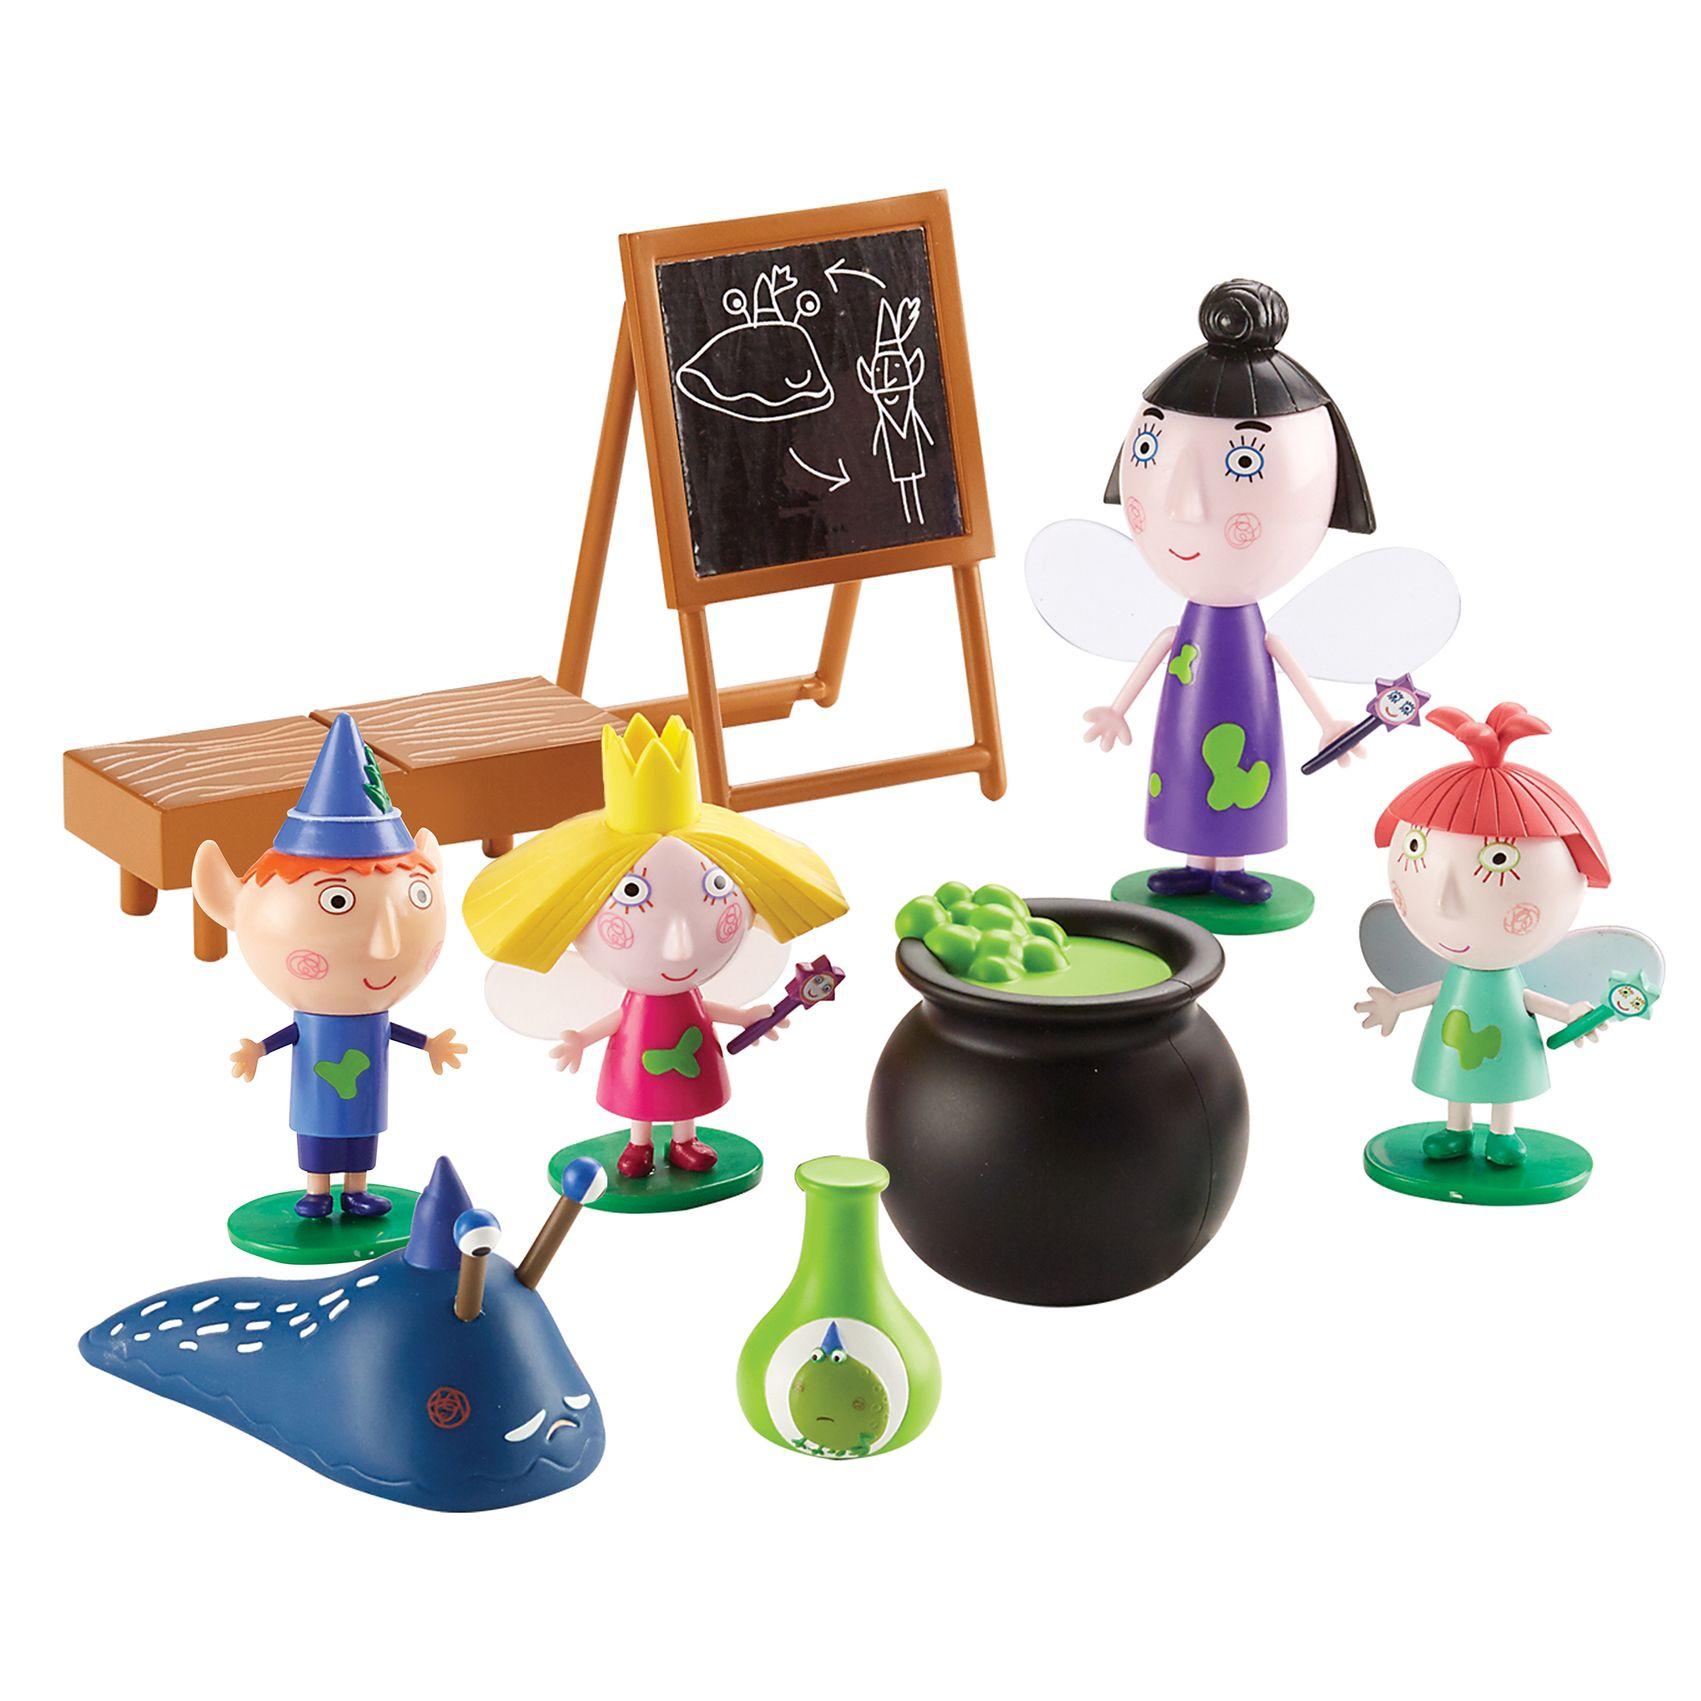 Игровой набор  Школа магии с 5 фигурками из серии Маленькое королевство Бена и Холли - Маленькое королевство Бена и Холли, артикул: 142830